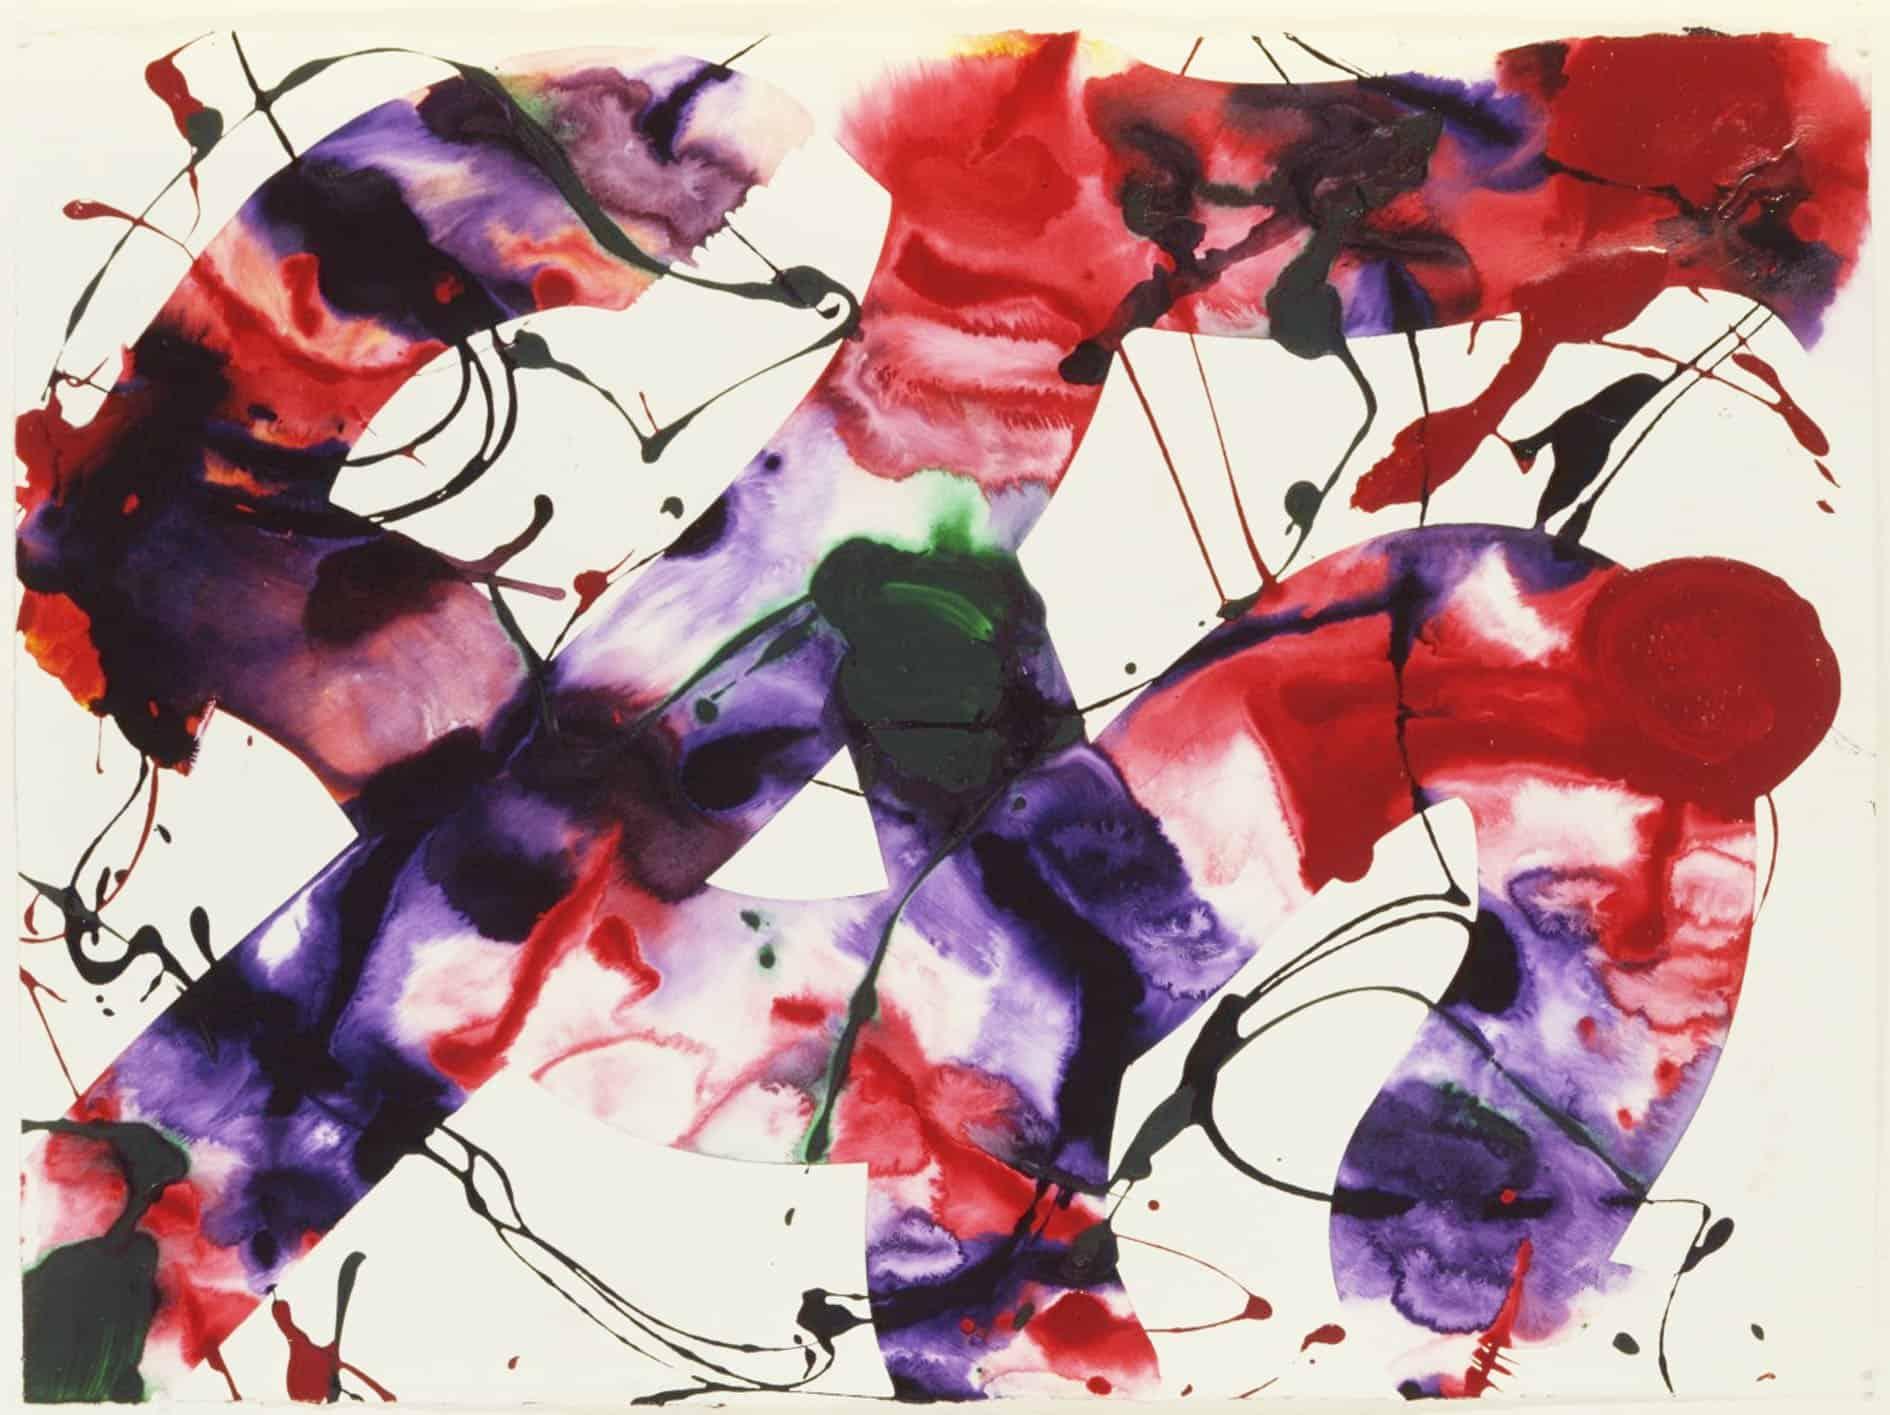 Galerie Jean Fournier - Sam Francis, Sans titre, 1988, acrylique sur papier, acrylic on paper, 55,5 x 76 cm, 60.000 €, Galerie Jean Fournier, Droits réservés